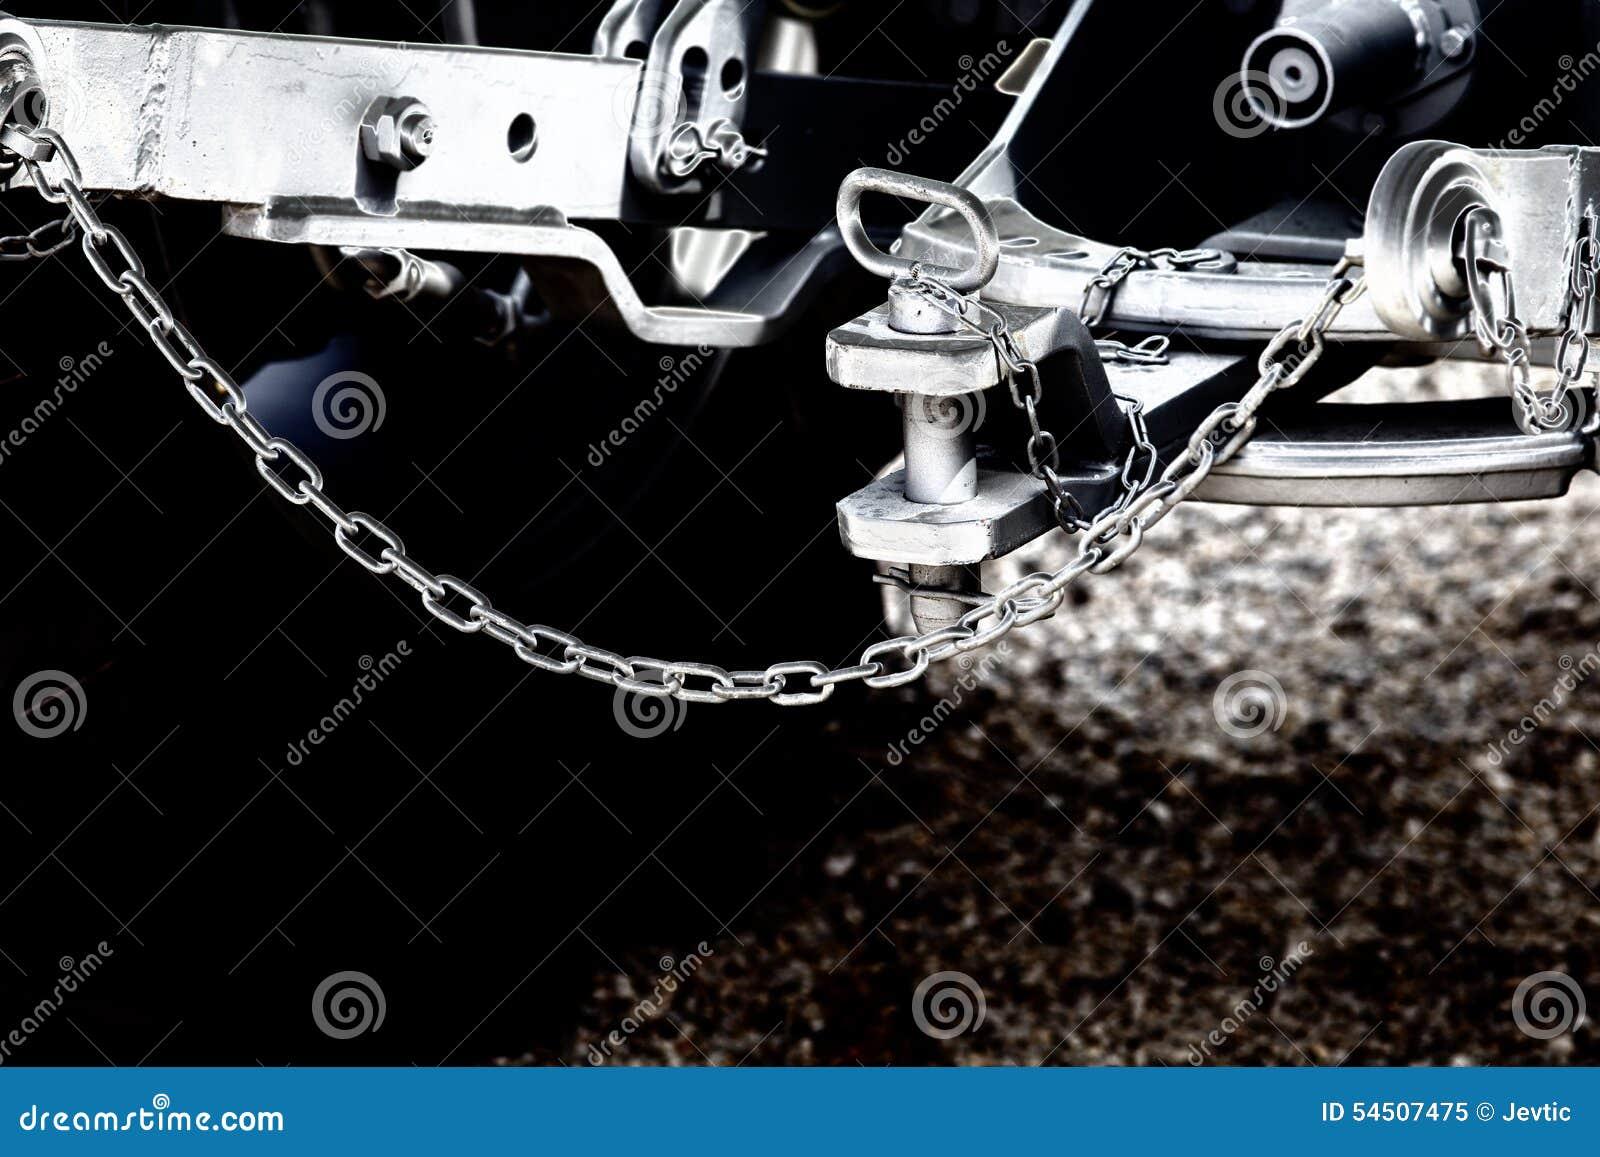 Accroc de tracteur et barre de remorquage